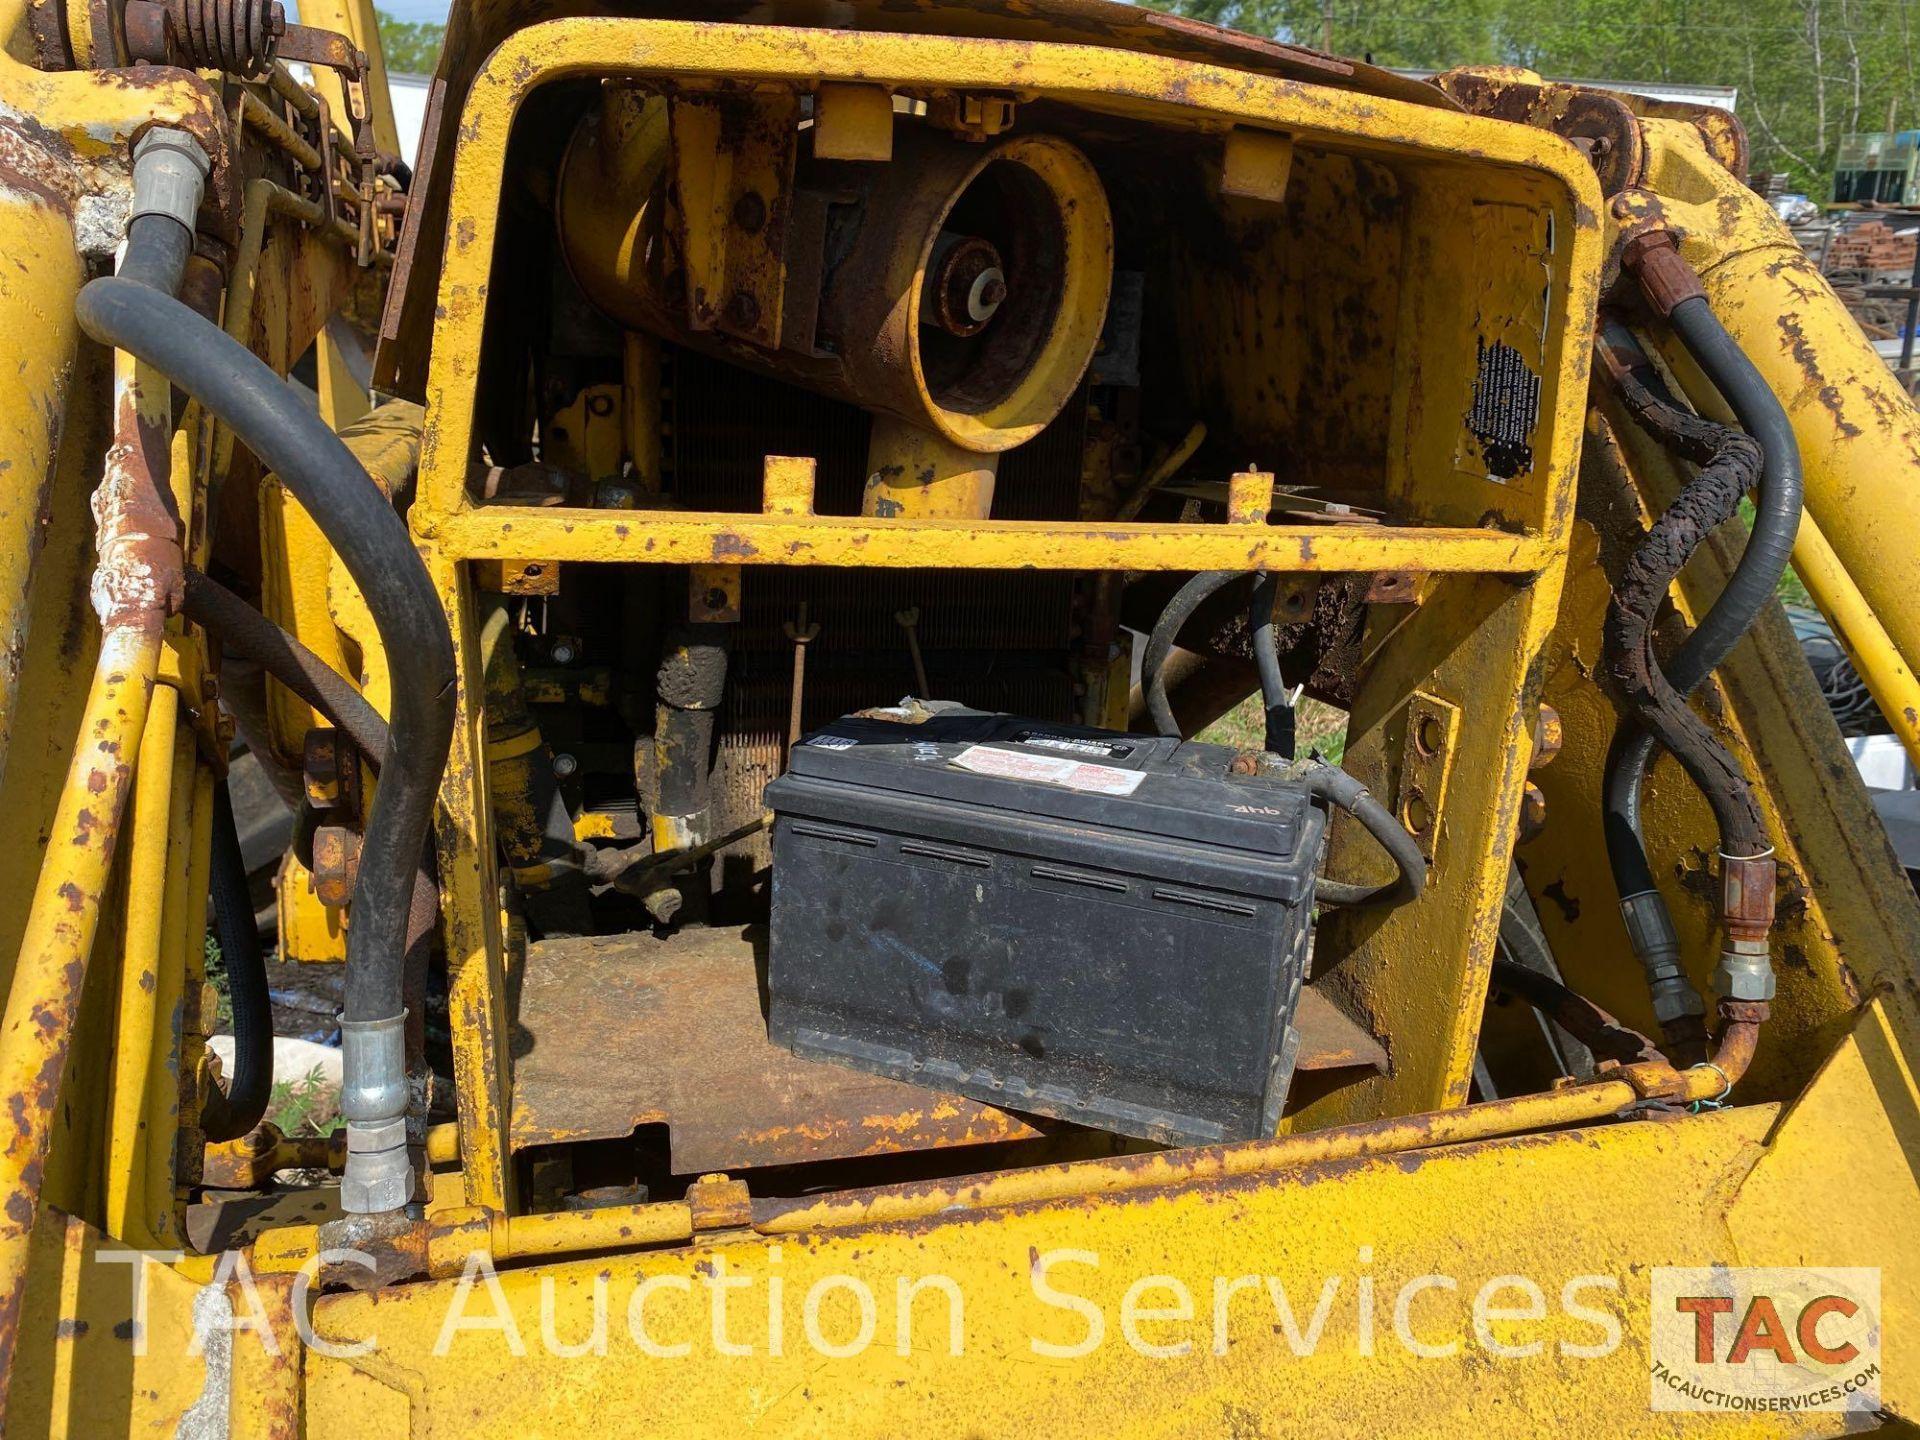 Massey Ferguson 50C Loader Backhoe - Image 20 of 45